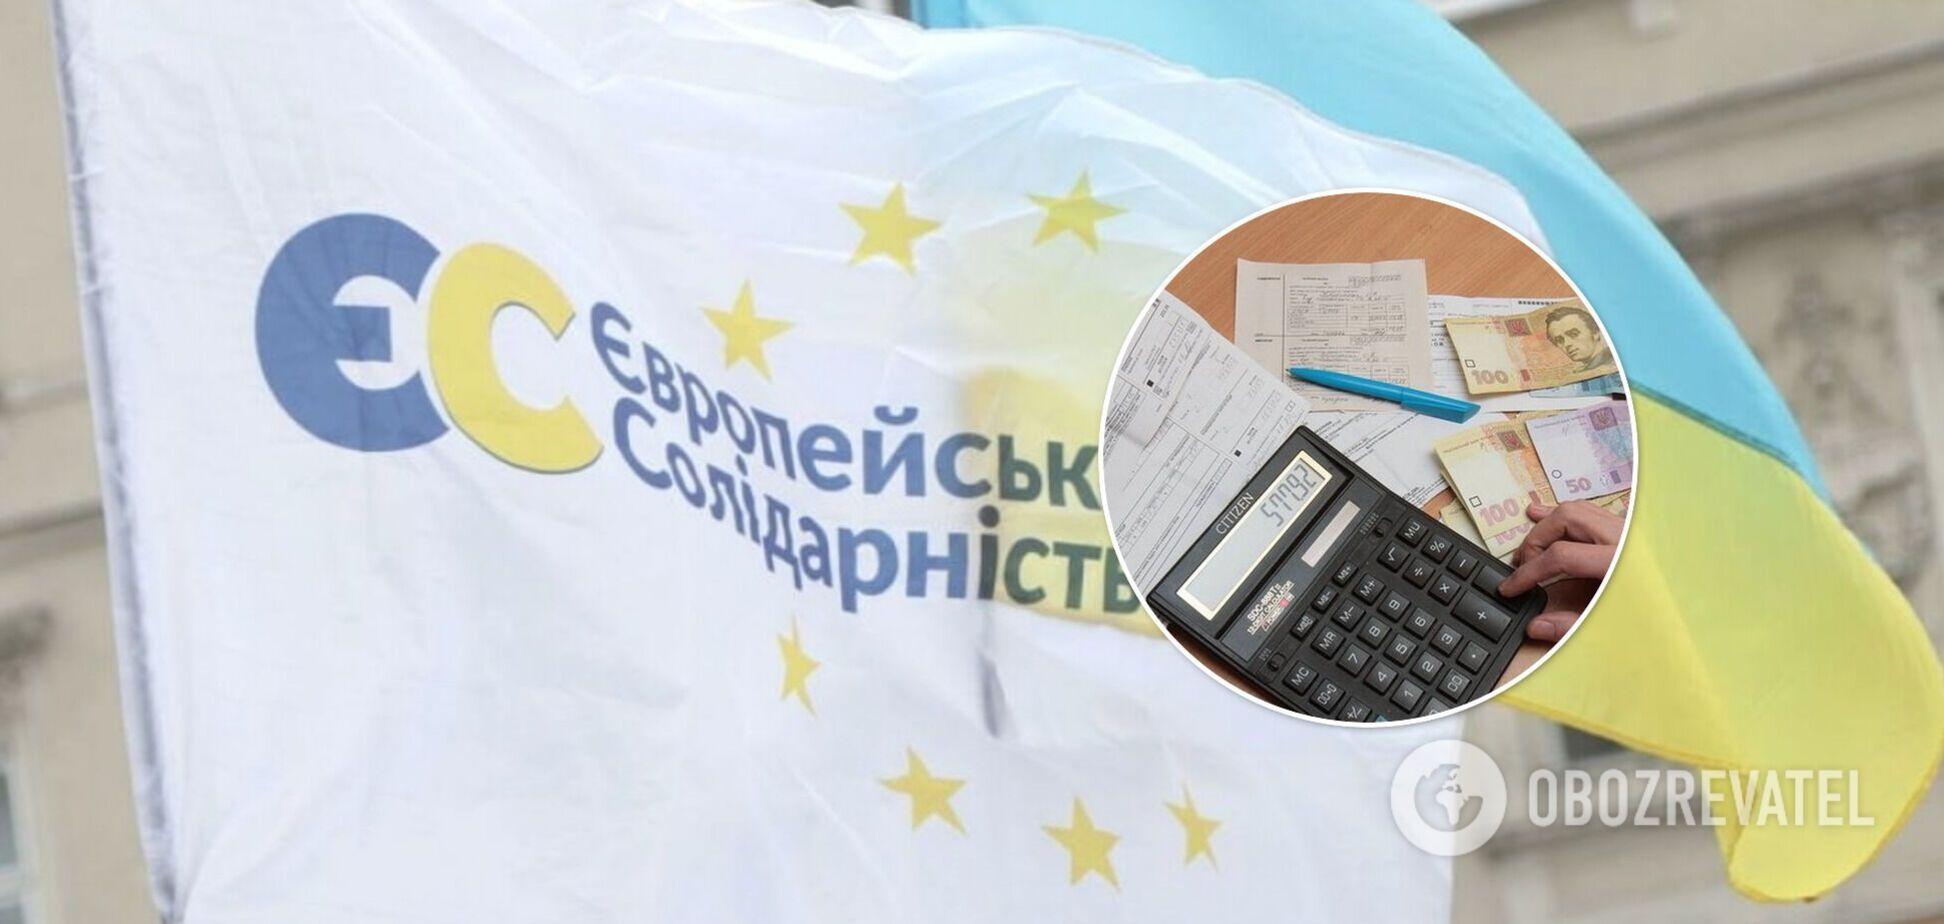 У Порошенко выдвинули требования о правилах предоставления субсидий в Украине